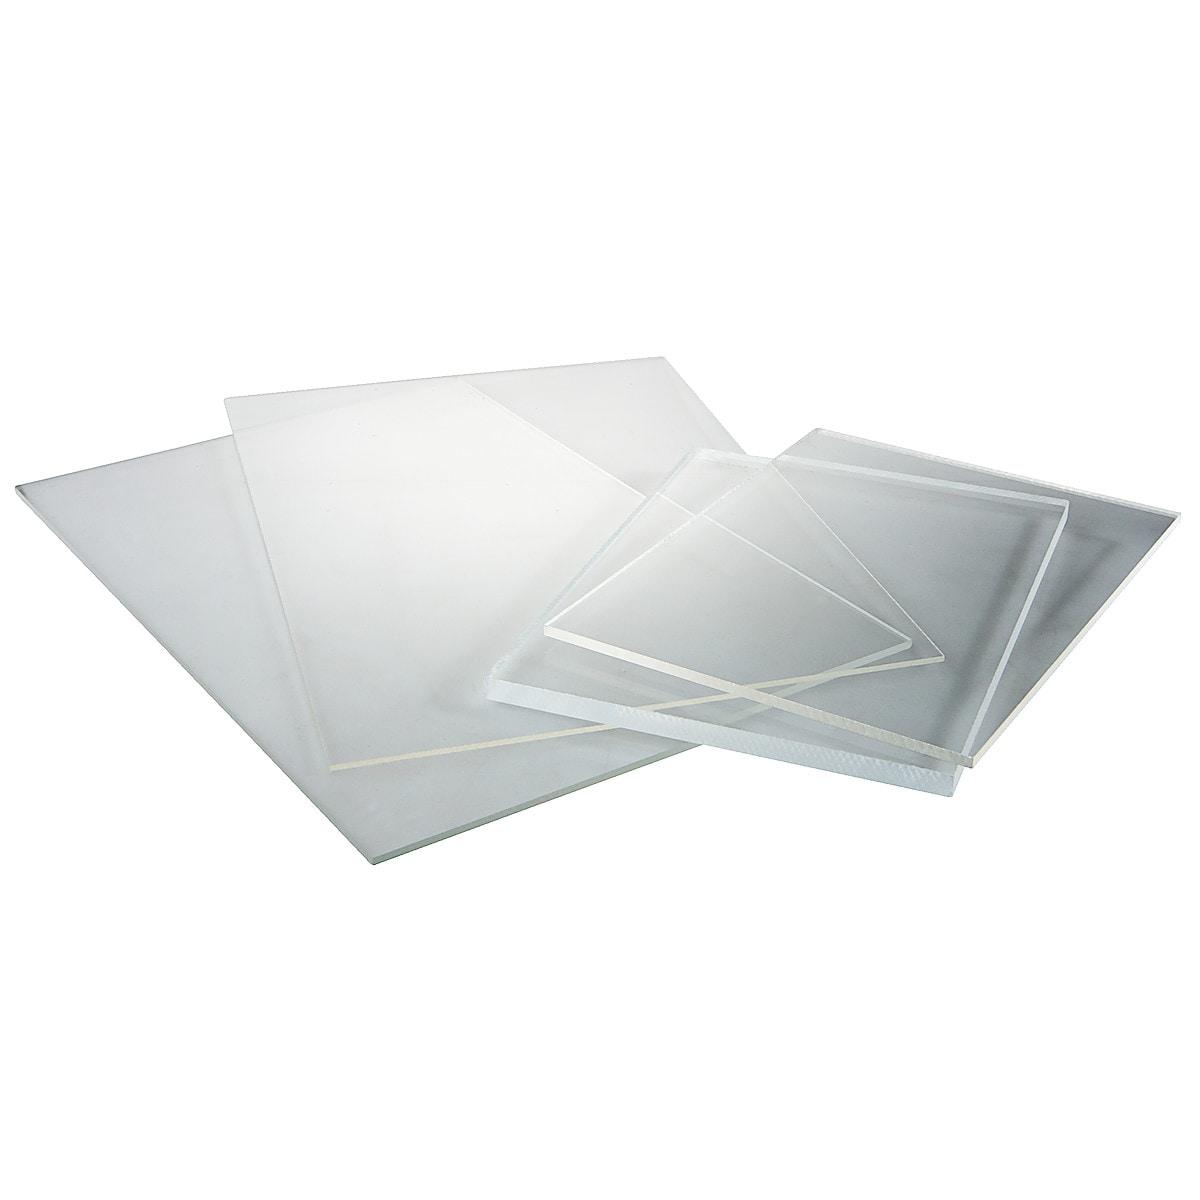 Akrylplast